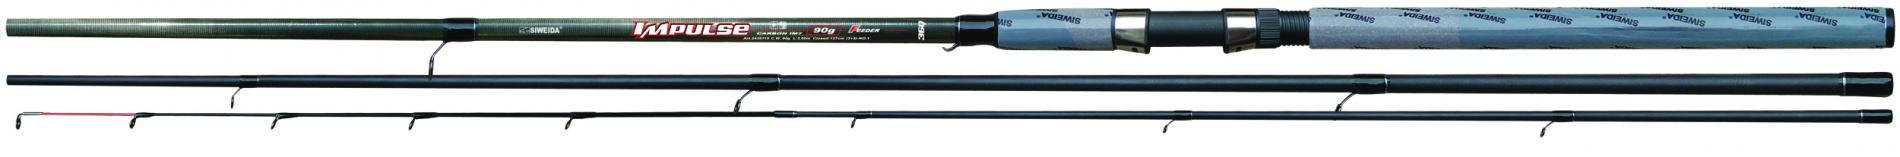 Удилище фидер. SWD Impulse 3,6м карбон IM7 (3сек+3хл, Удилища фидерные и пикерные<br>Мощный 3-х частный штекерный фидер, изготовленный <br>из карбона IM7. Основные характеристики удилища: <br>длина 3,6м (в сложенном состоянии 120см), количество <br>секций - 3, максимальный вес оснастки - до <br>150г. Удилище оснащено кольцами SIC, надежным <br>винтовым катушкодержателем и комбинированной <br>ручкой из EVA и пробки. Комплектуется 3-мя <br>сменными хлыстами - 1 из карбона и 2 из стекловолокна <br>с разными тестами, которые выбирают исходя <br>из массы оснасток. Рекомендуется для ловли <br>на реках со средним и быстрым течением и <br>в водоемах со стоячей водой.<br>